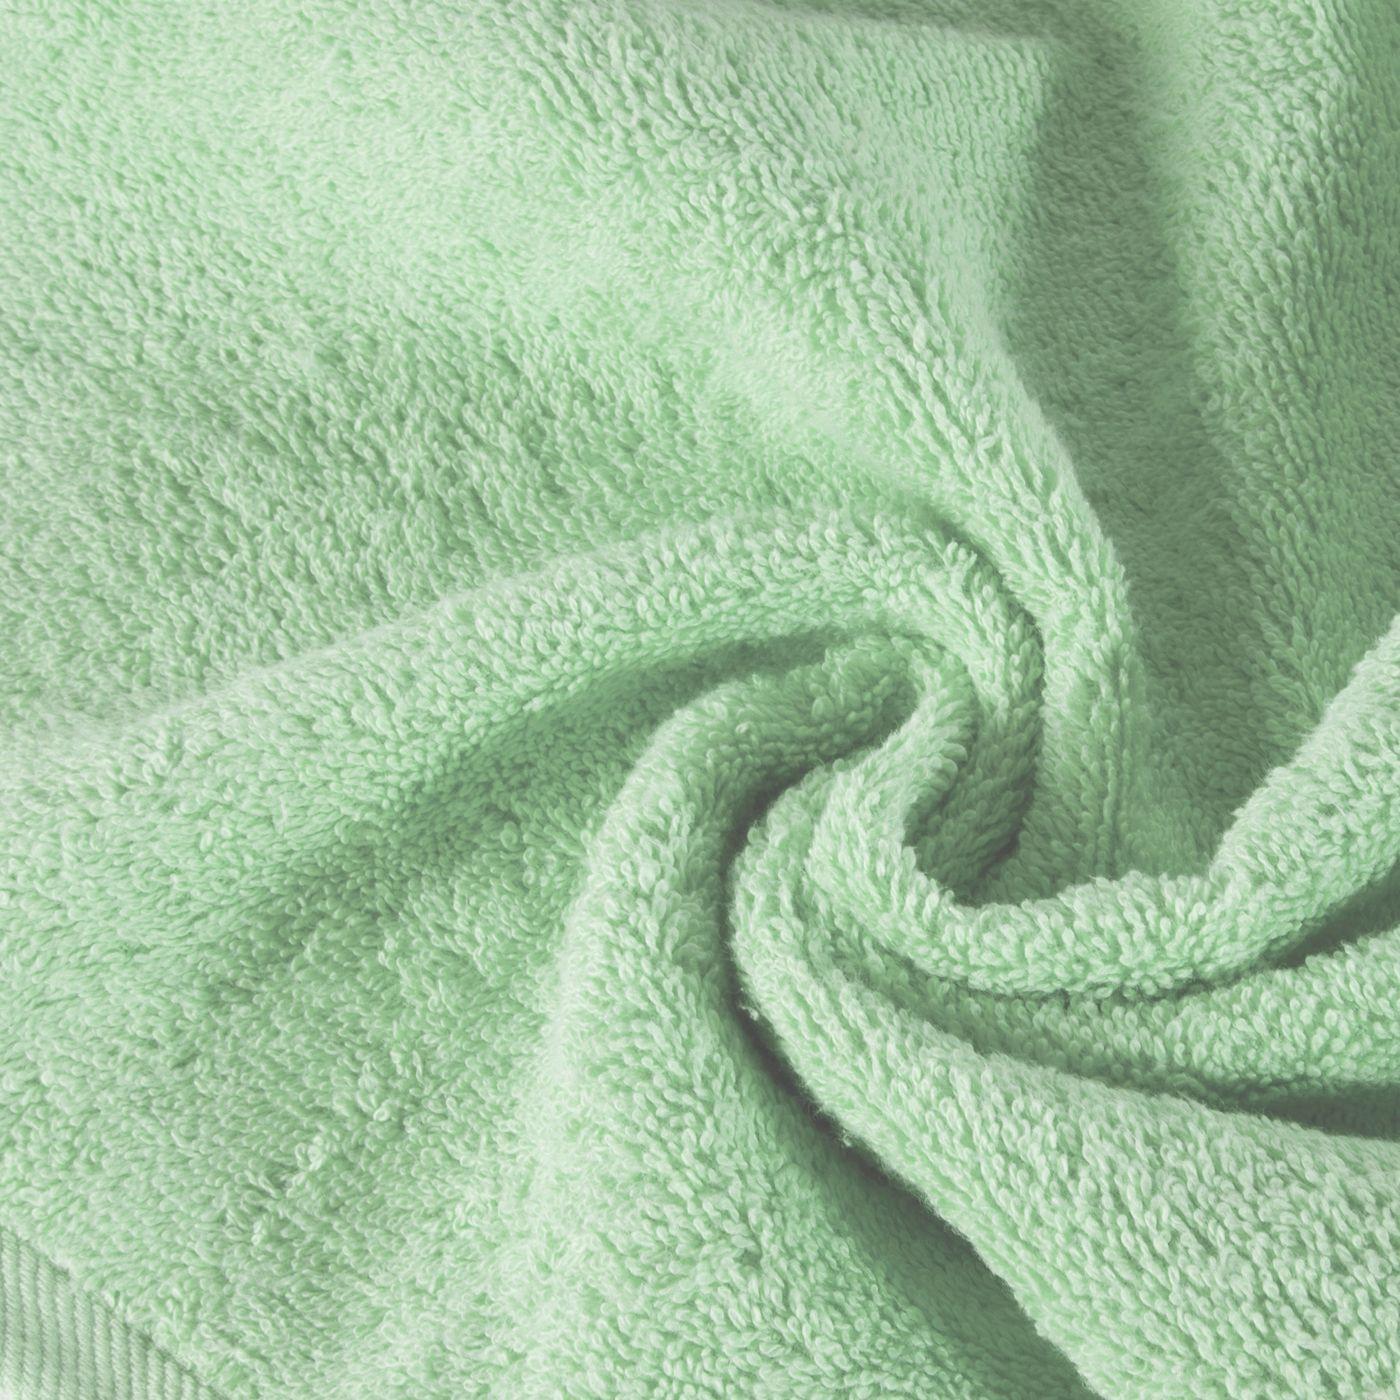 Ręcznik bawełniany gładki miętowy 50x90 cm